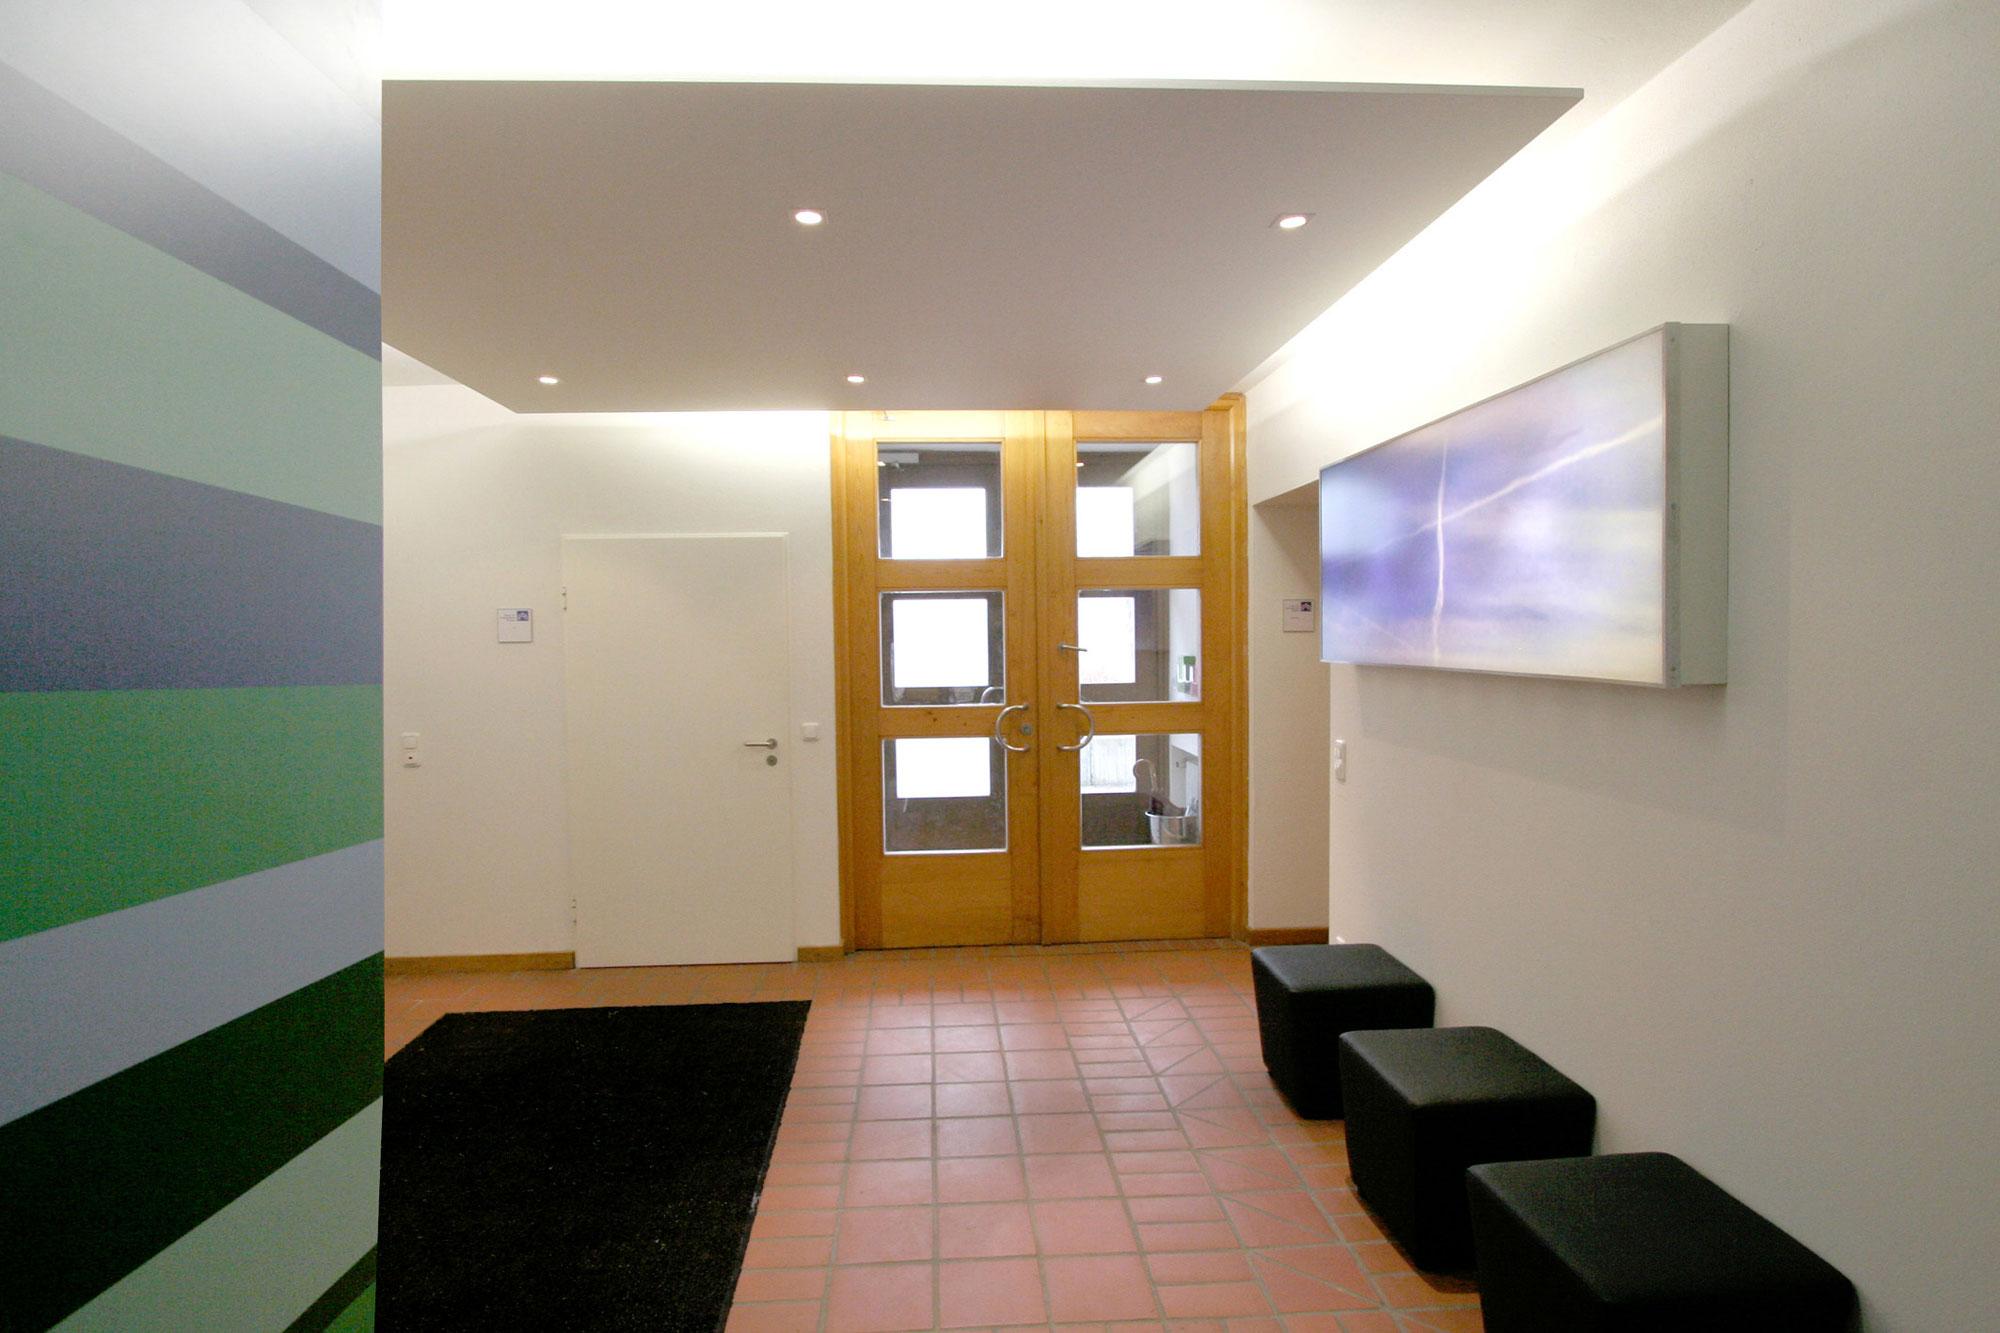 Innenarchitektur Fähigkeiten renovierung pfarramt puchheim gross innenarchitektur